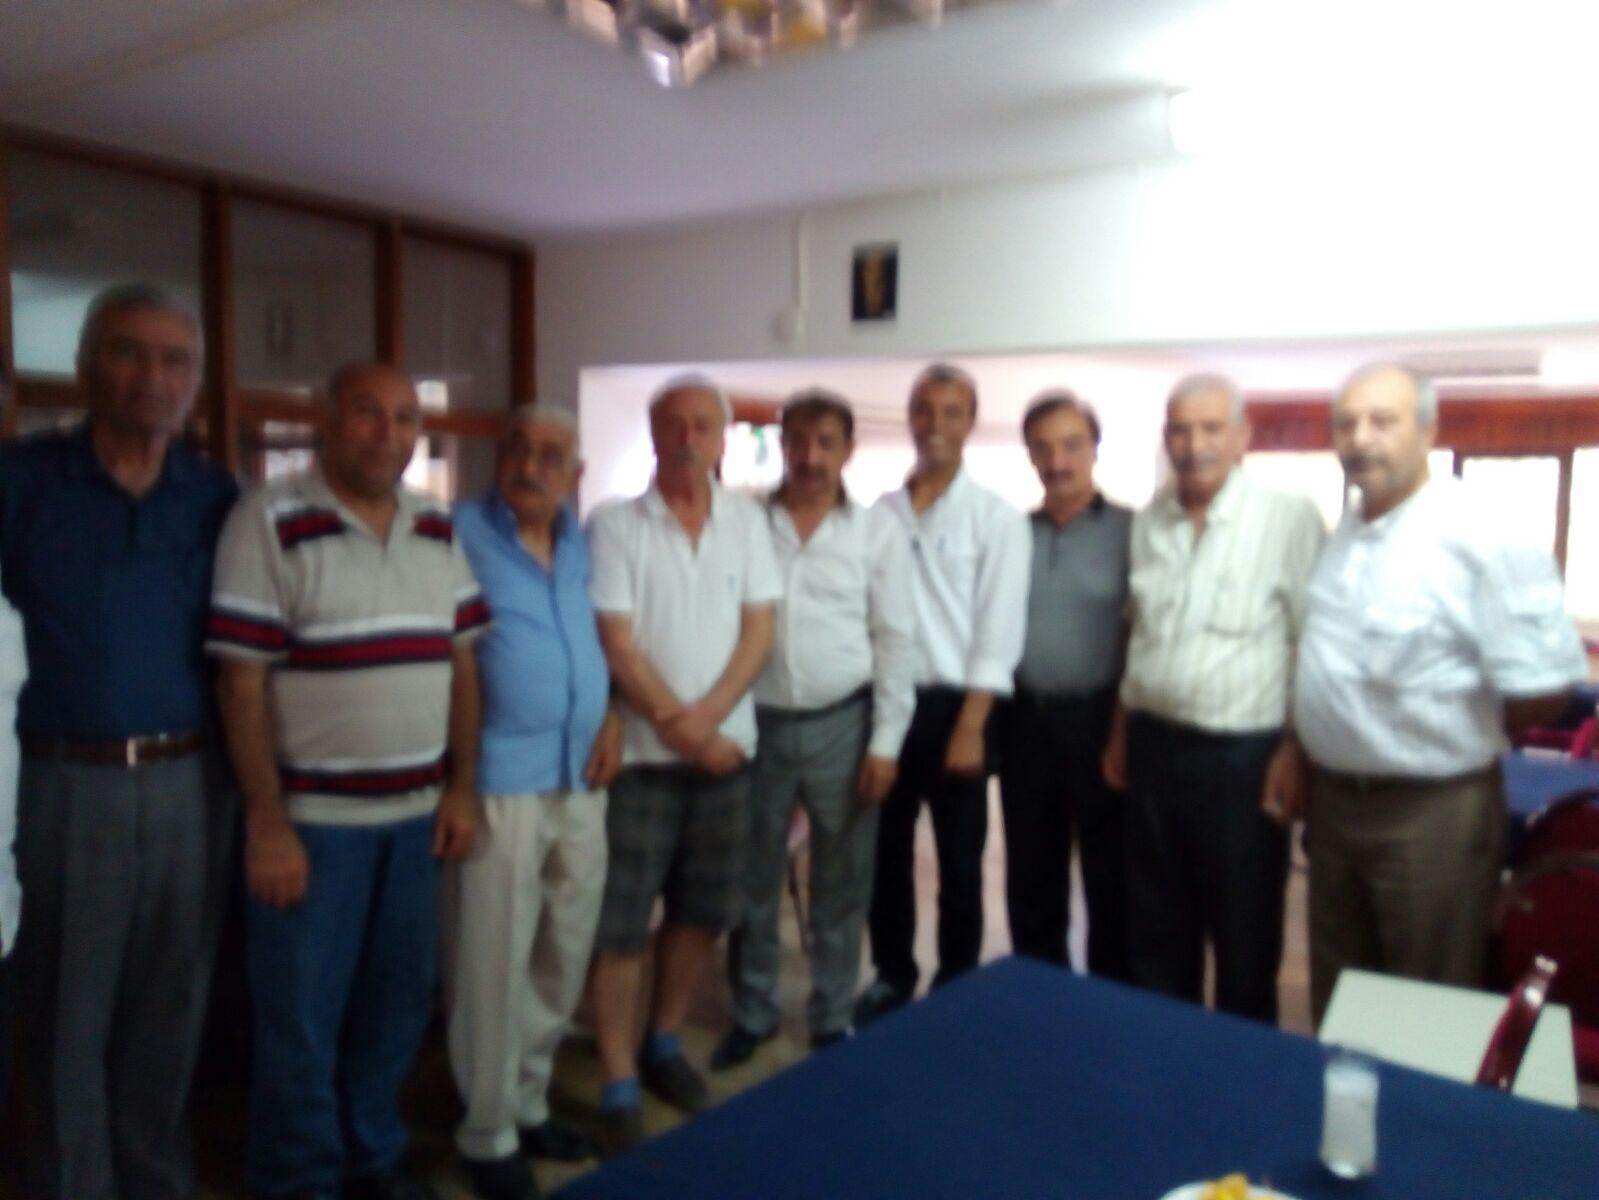 Antalya'da Sivas dernekleri Sivaslilar platformunda güç birliğine karar verdi.